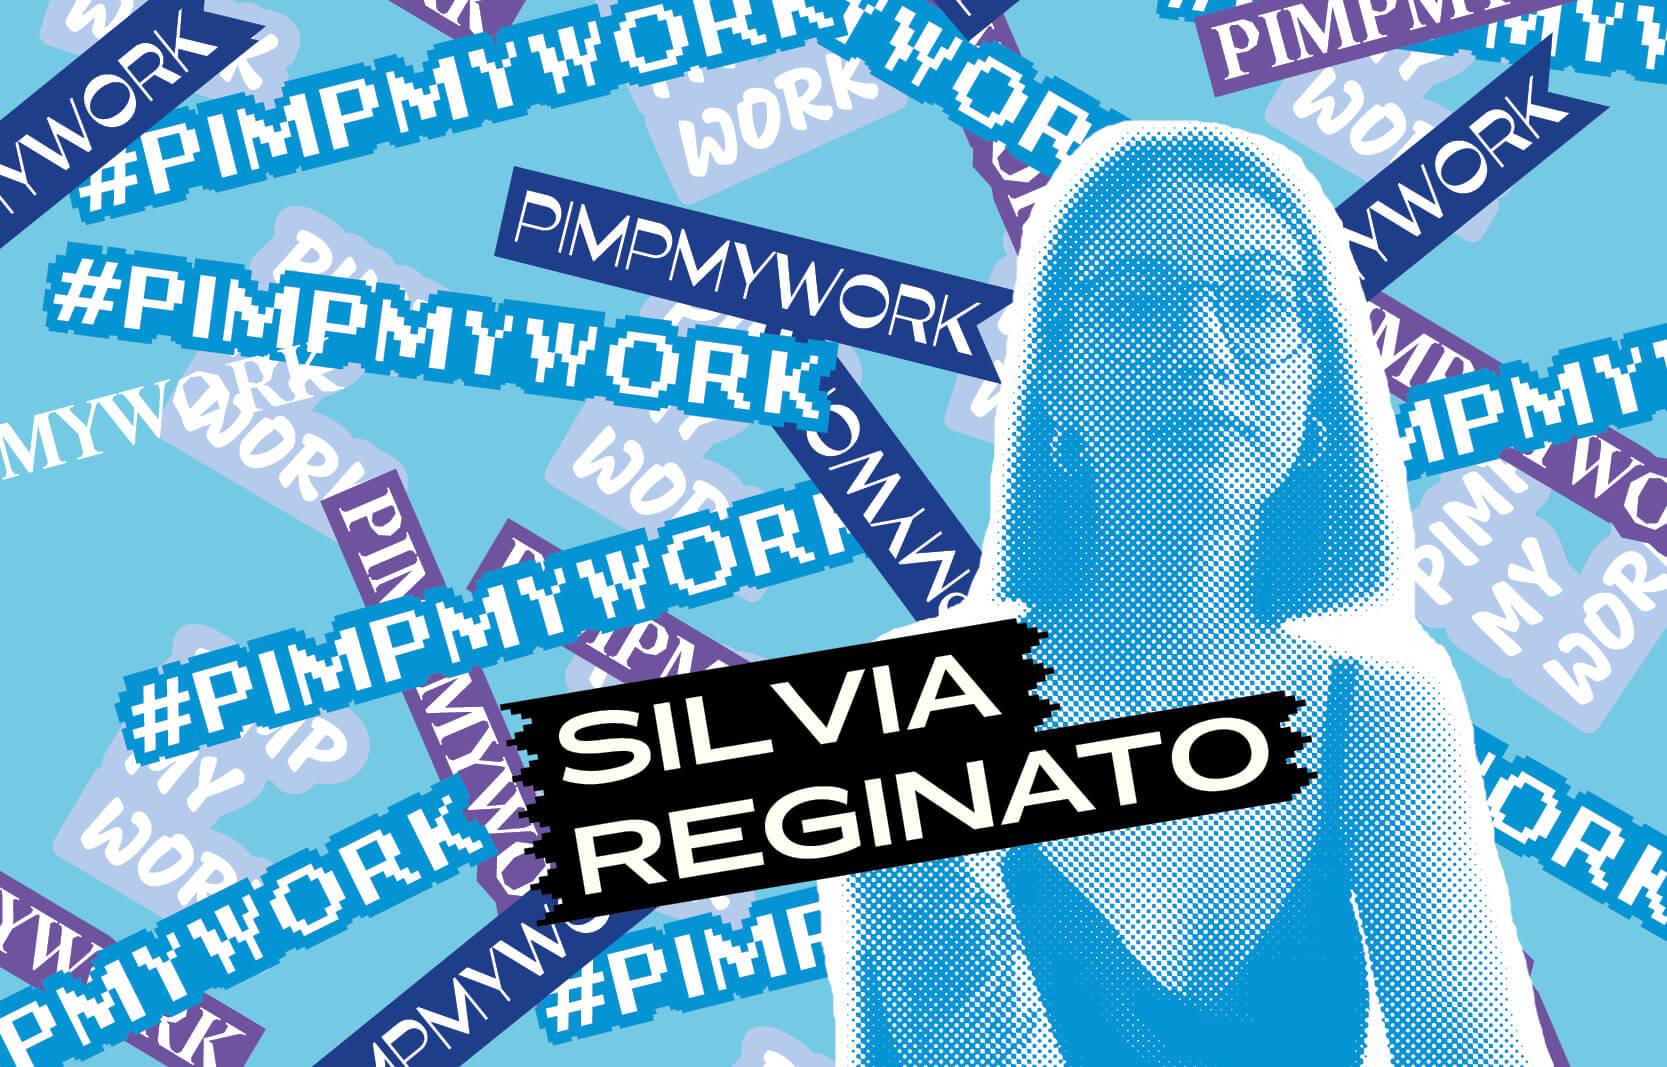 Silvia Reginato